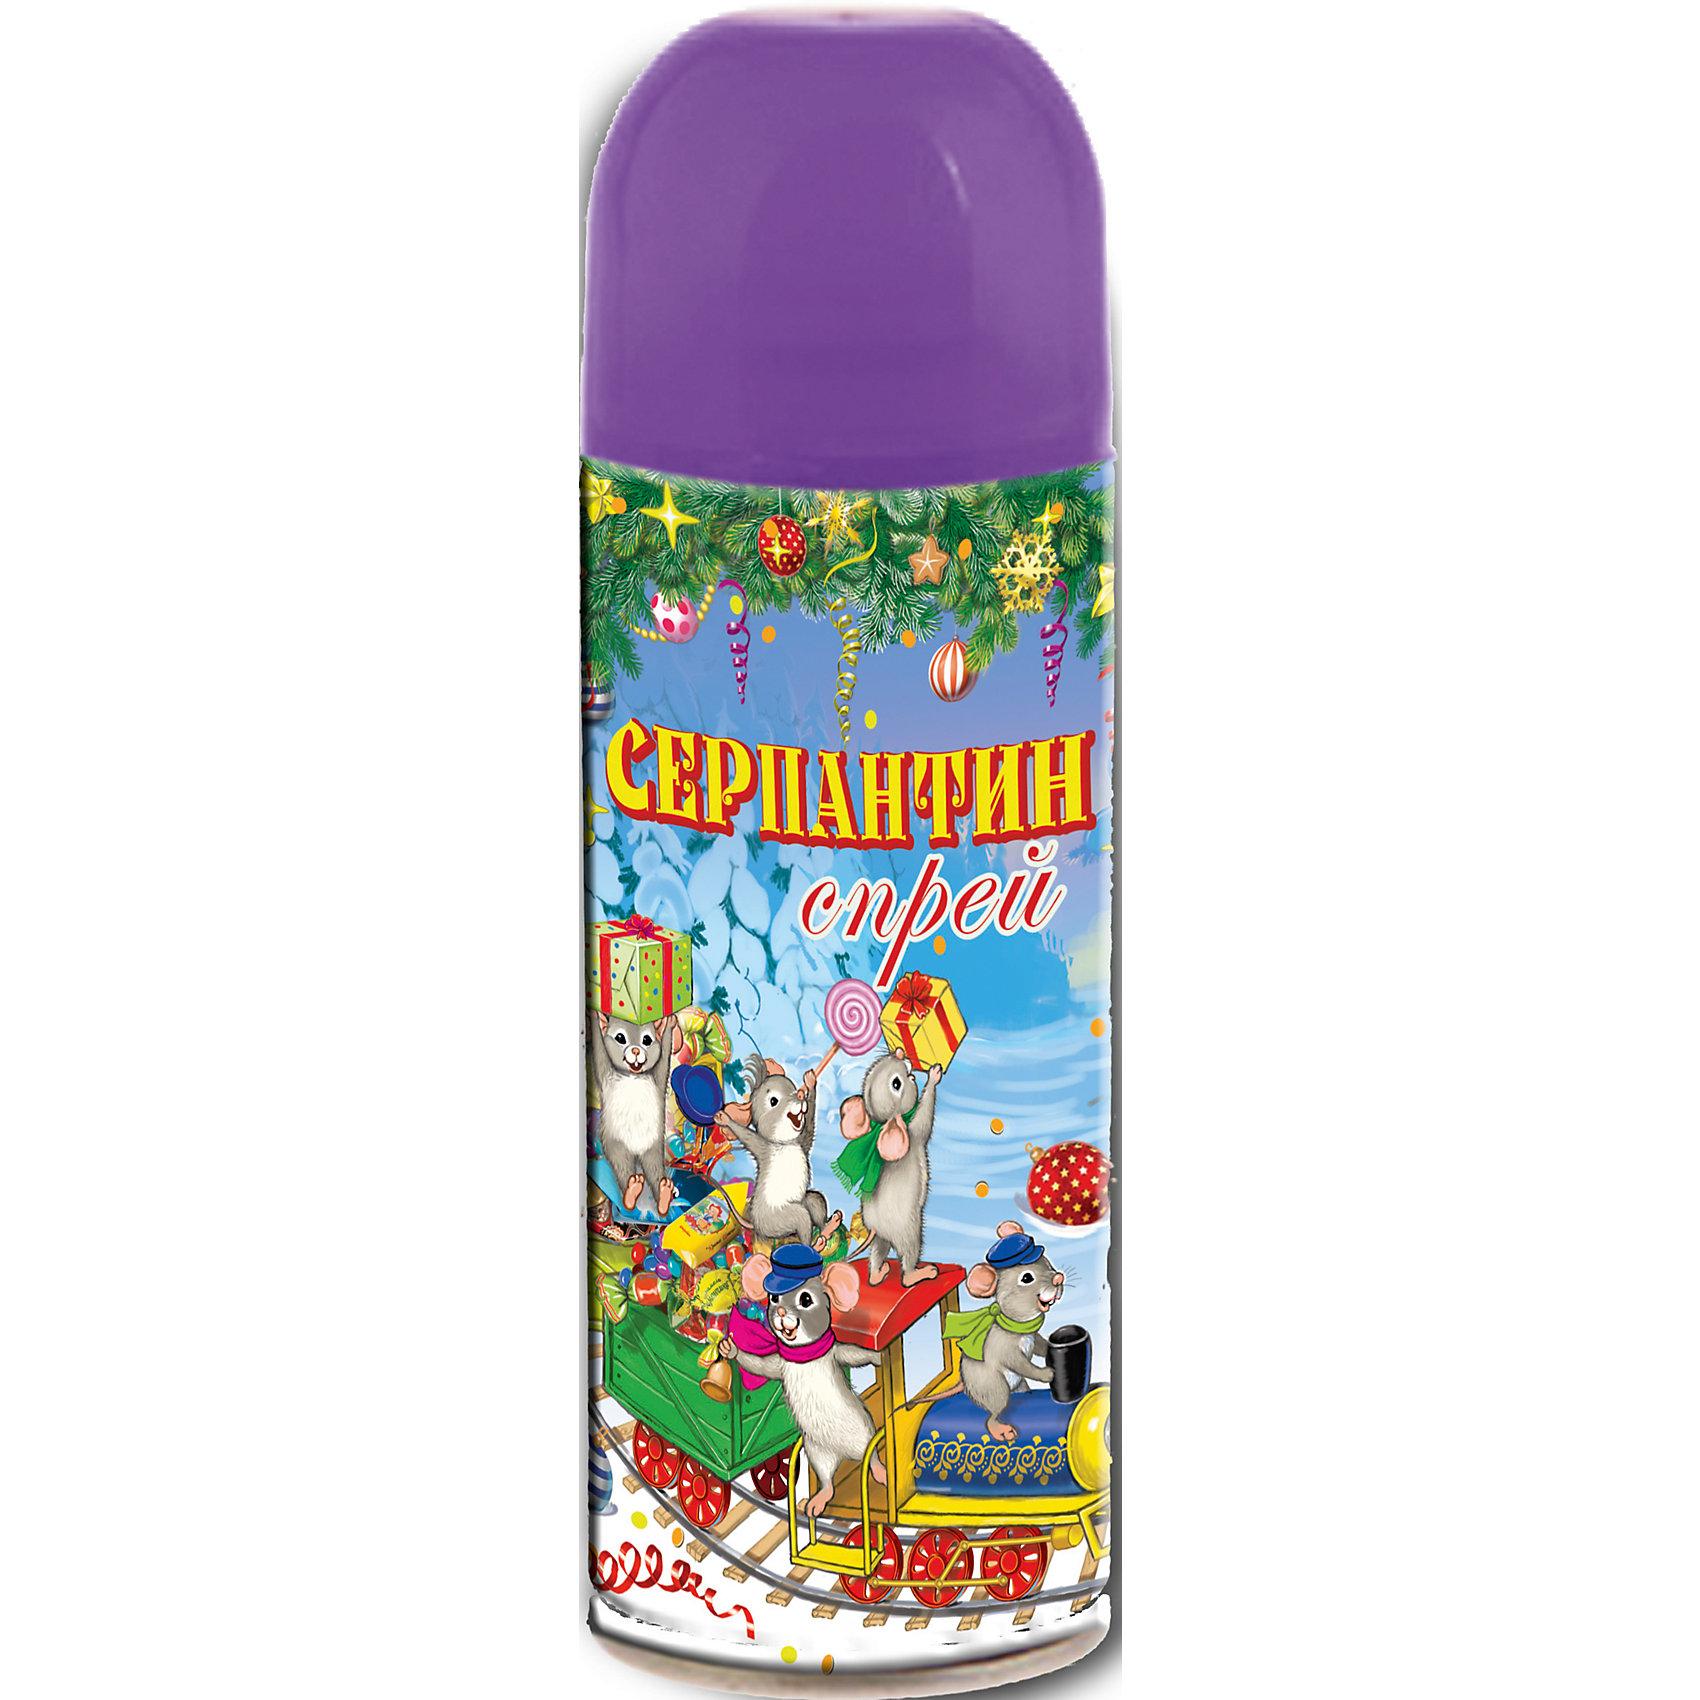 Серпантин синтетический фиолетовый в спрее, 250млВсё для праздника<br>Серпантин синтетический ФИОЛЕТОВЫЙ в спрее арт.42383 для новогоднего декорирования(изобутан, тетрафторэтан, каолин, кальций карбонат, вода, глицерин, красители) / 5,2х17/ 250мл<br><br>Ширина мм: 170<br>Глубина мм: 50<br>Высота мм: 50<br>Вес г: 123<br>Возраст от месяцев: 60<br>Возраст до месяцев: 600<br>Пол: Унисекс<br>Возраст: Детский<br>SKU: 5144571